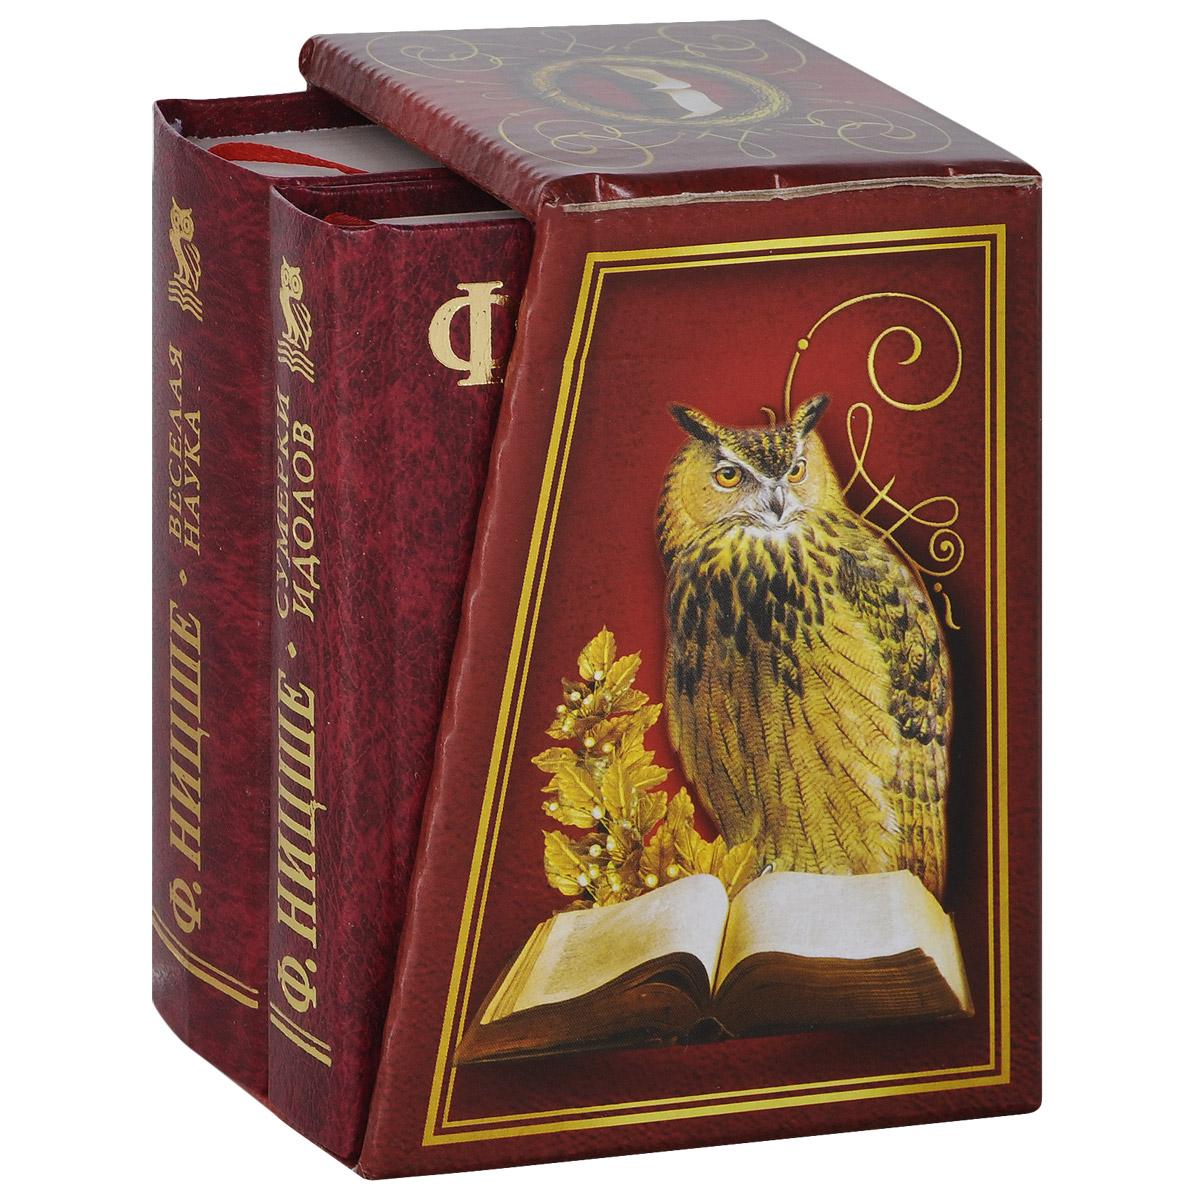 Ф. Ницше Веселая наука. Сумерки идолов (комплект из 2 книг) акунин б ф м комплект из 2 книг